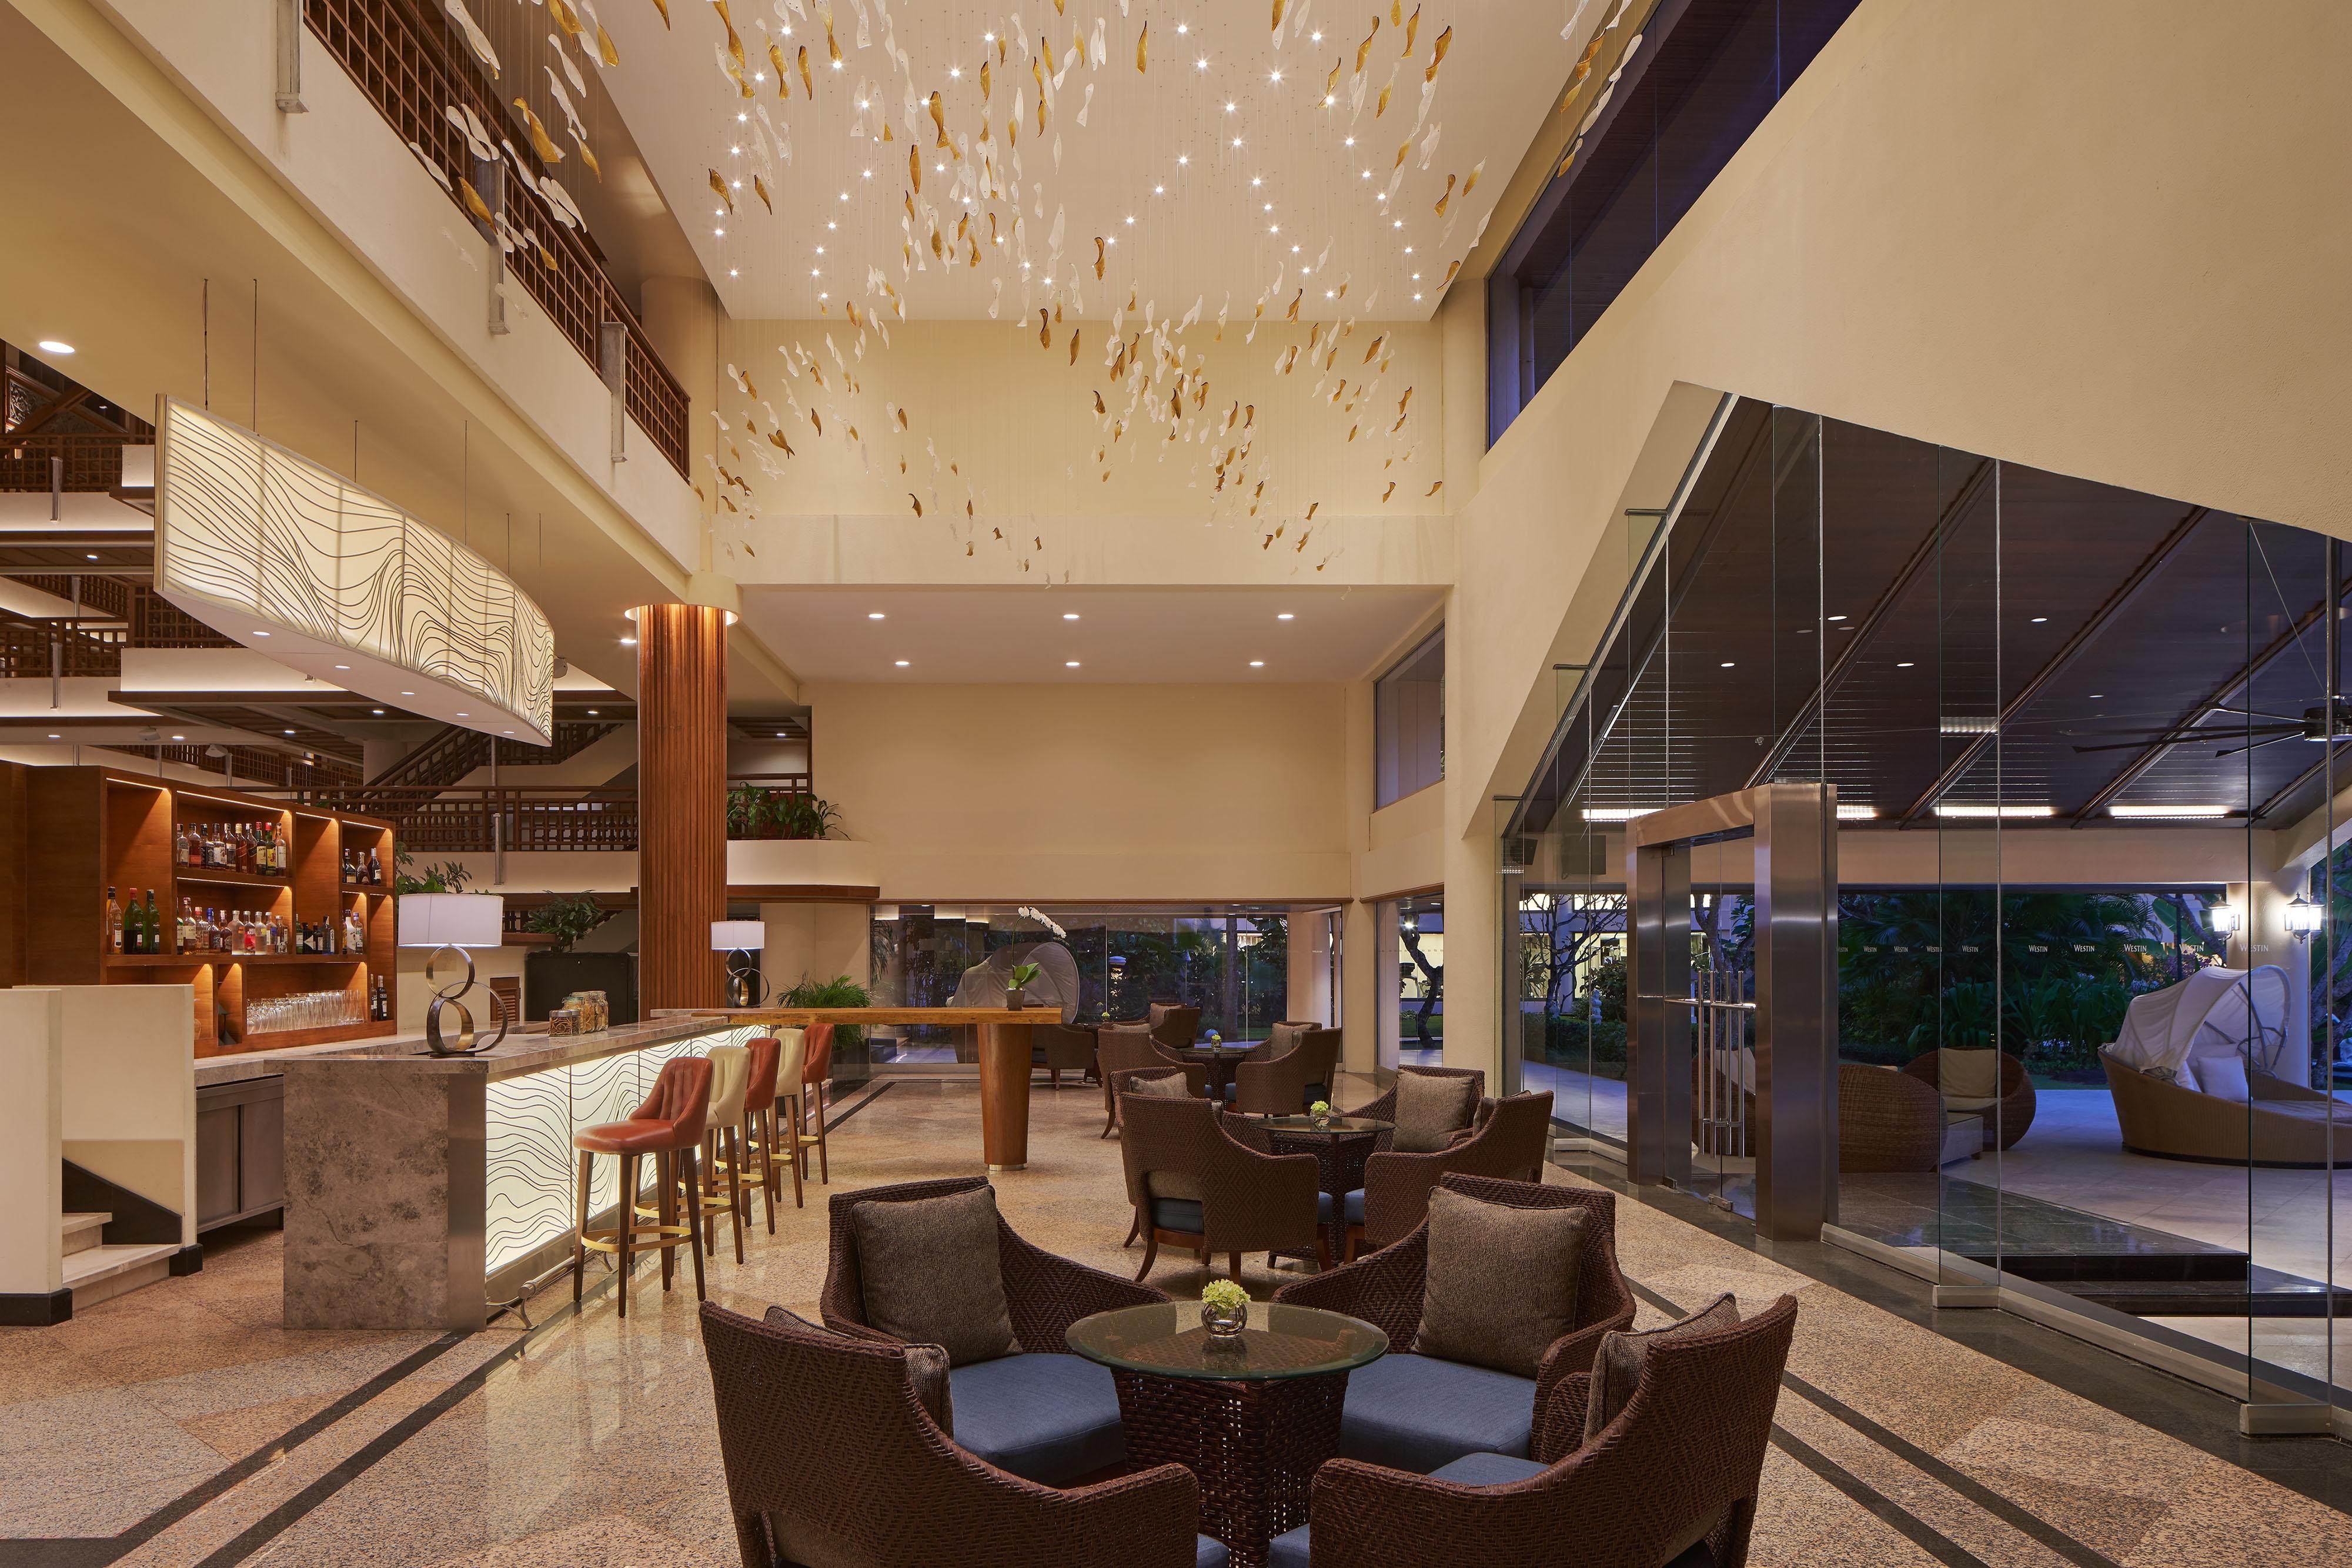 The Lobby Bar & Lounge